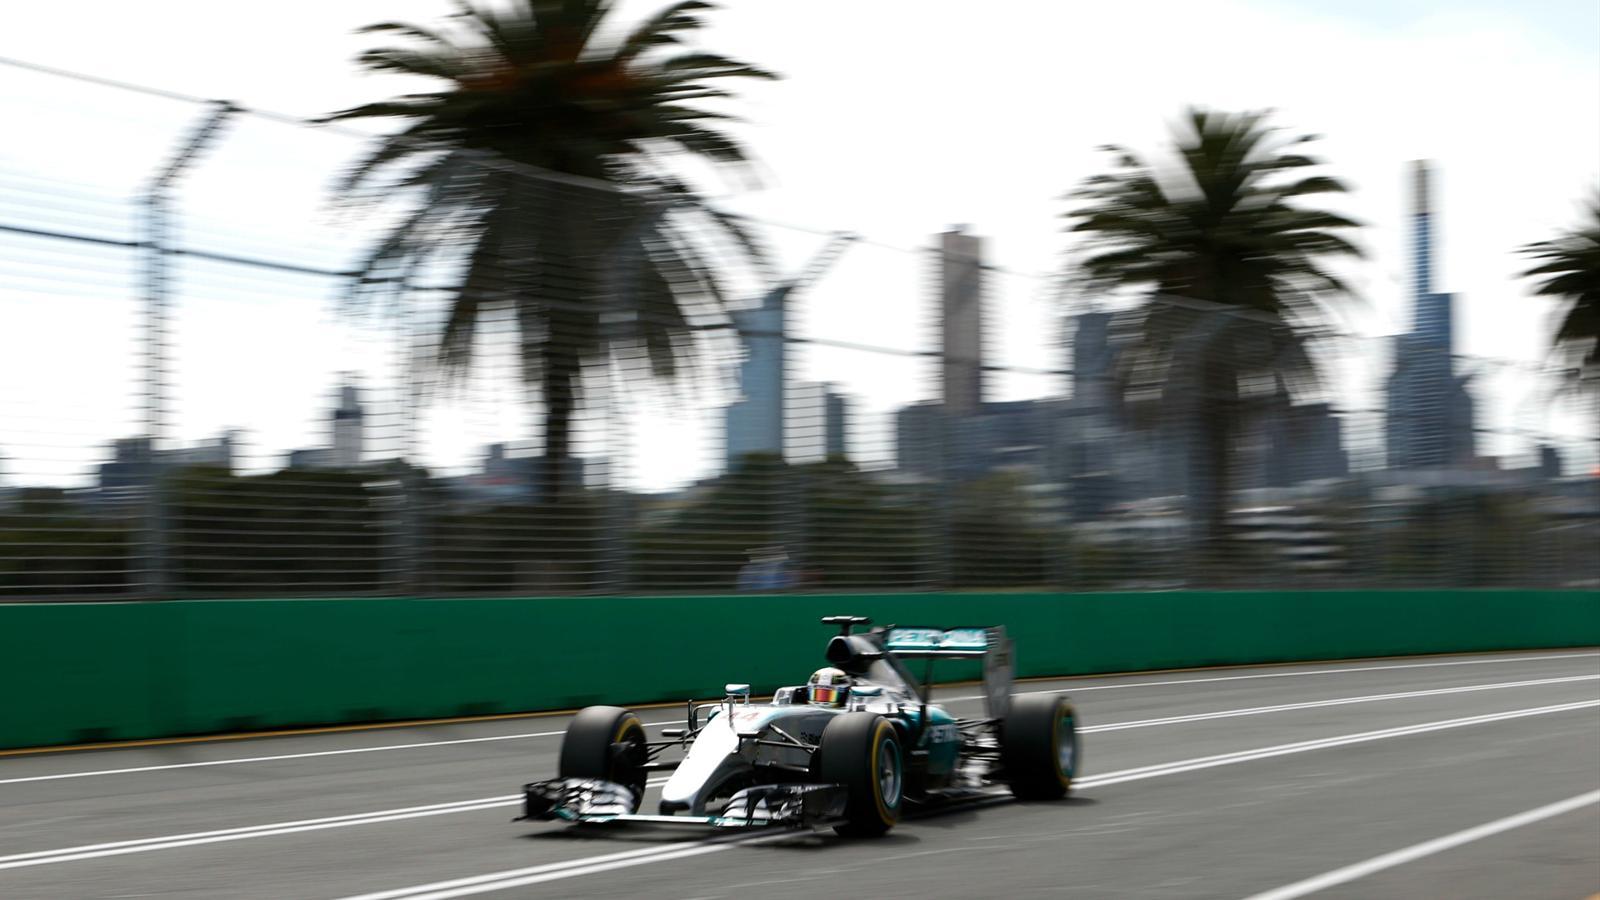 Spécial Sebastian Vettel (Formule un) - Page 12 1435426-30705414-1600-900